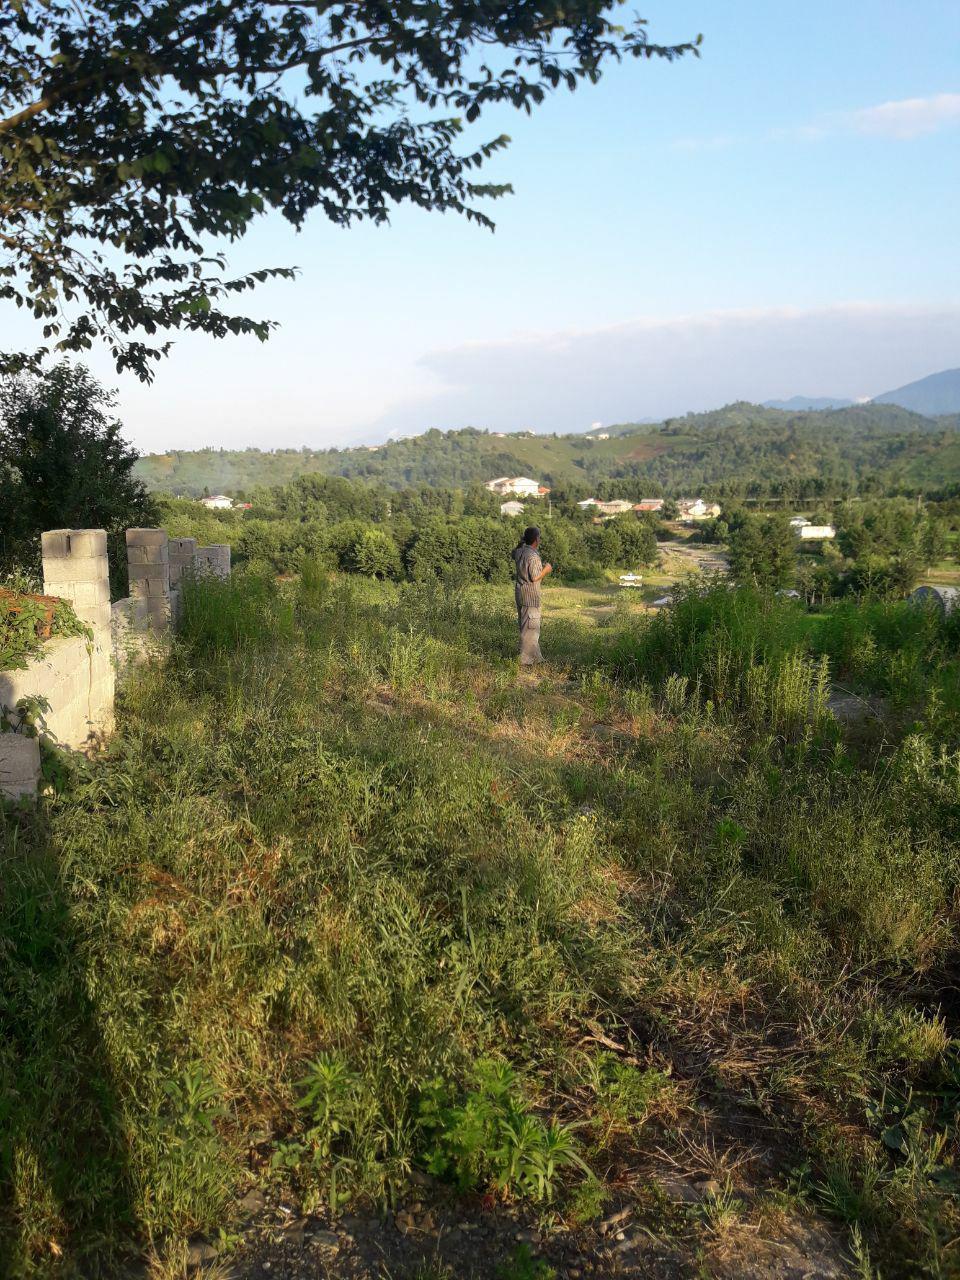 خرید زمین مسکونی  با چشم انداز عالی در اطاقور